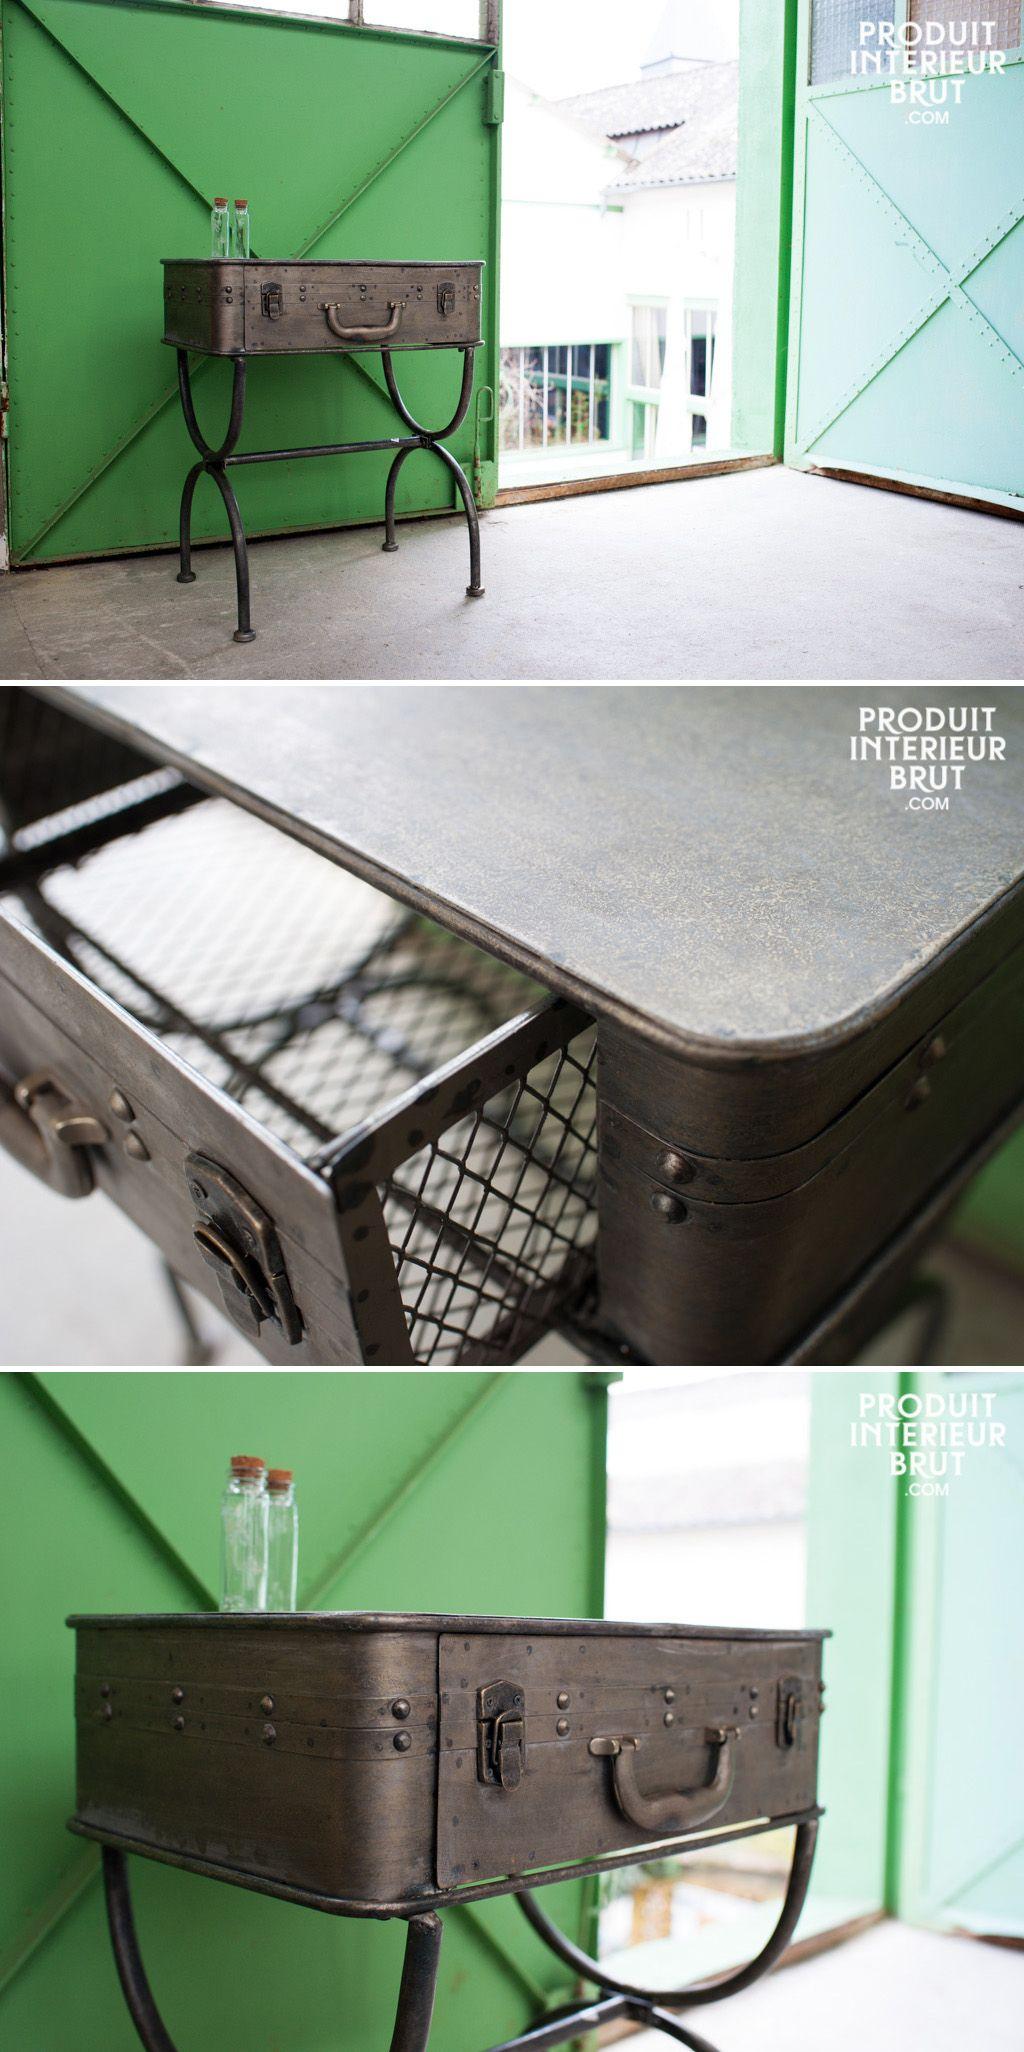 Dieser praktische Tisch wird Ihrer Inneneinrichtung gute Laune verleihen. Sie wird besonders im Eingangsbereiech neben dem Kleiderständer perfekt sein.